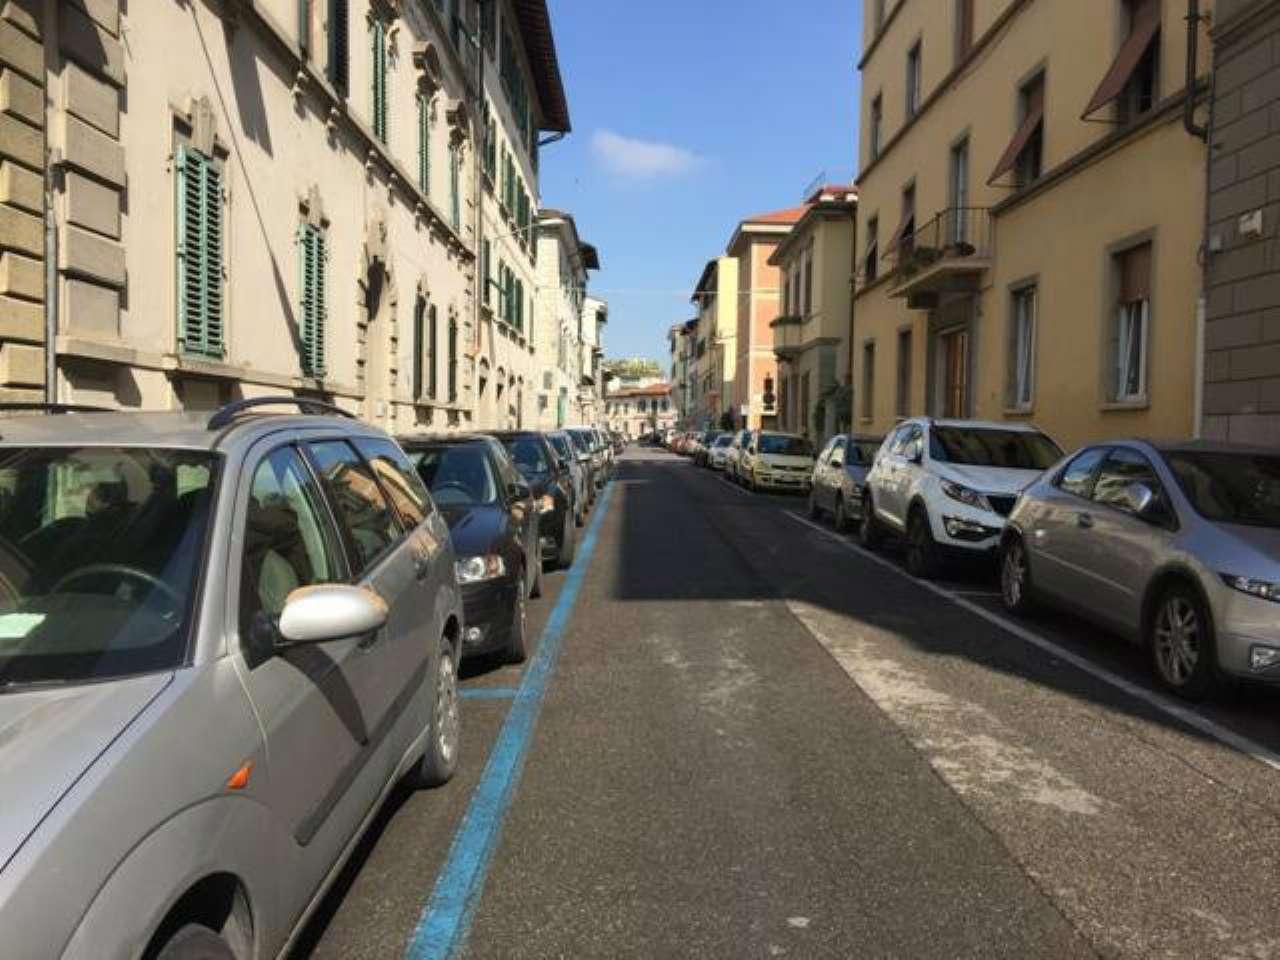 Laboratorio in vendita a Firenze, 1 locali, zona Zona: 9 . S. Jacopino, La Fortezza, Statuto, prezzo € 37.000 | CambioCasa.it